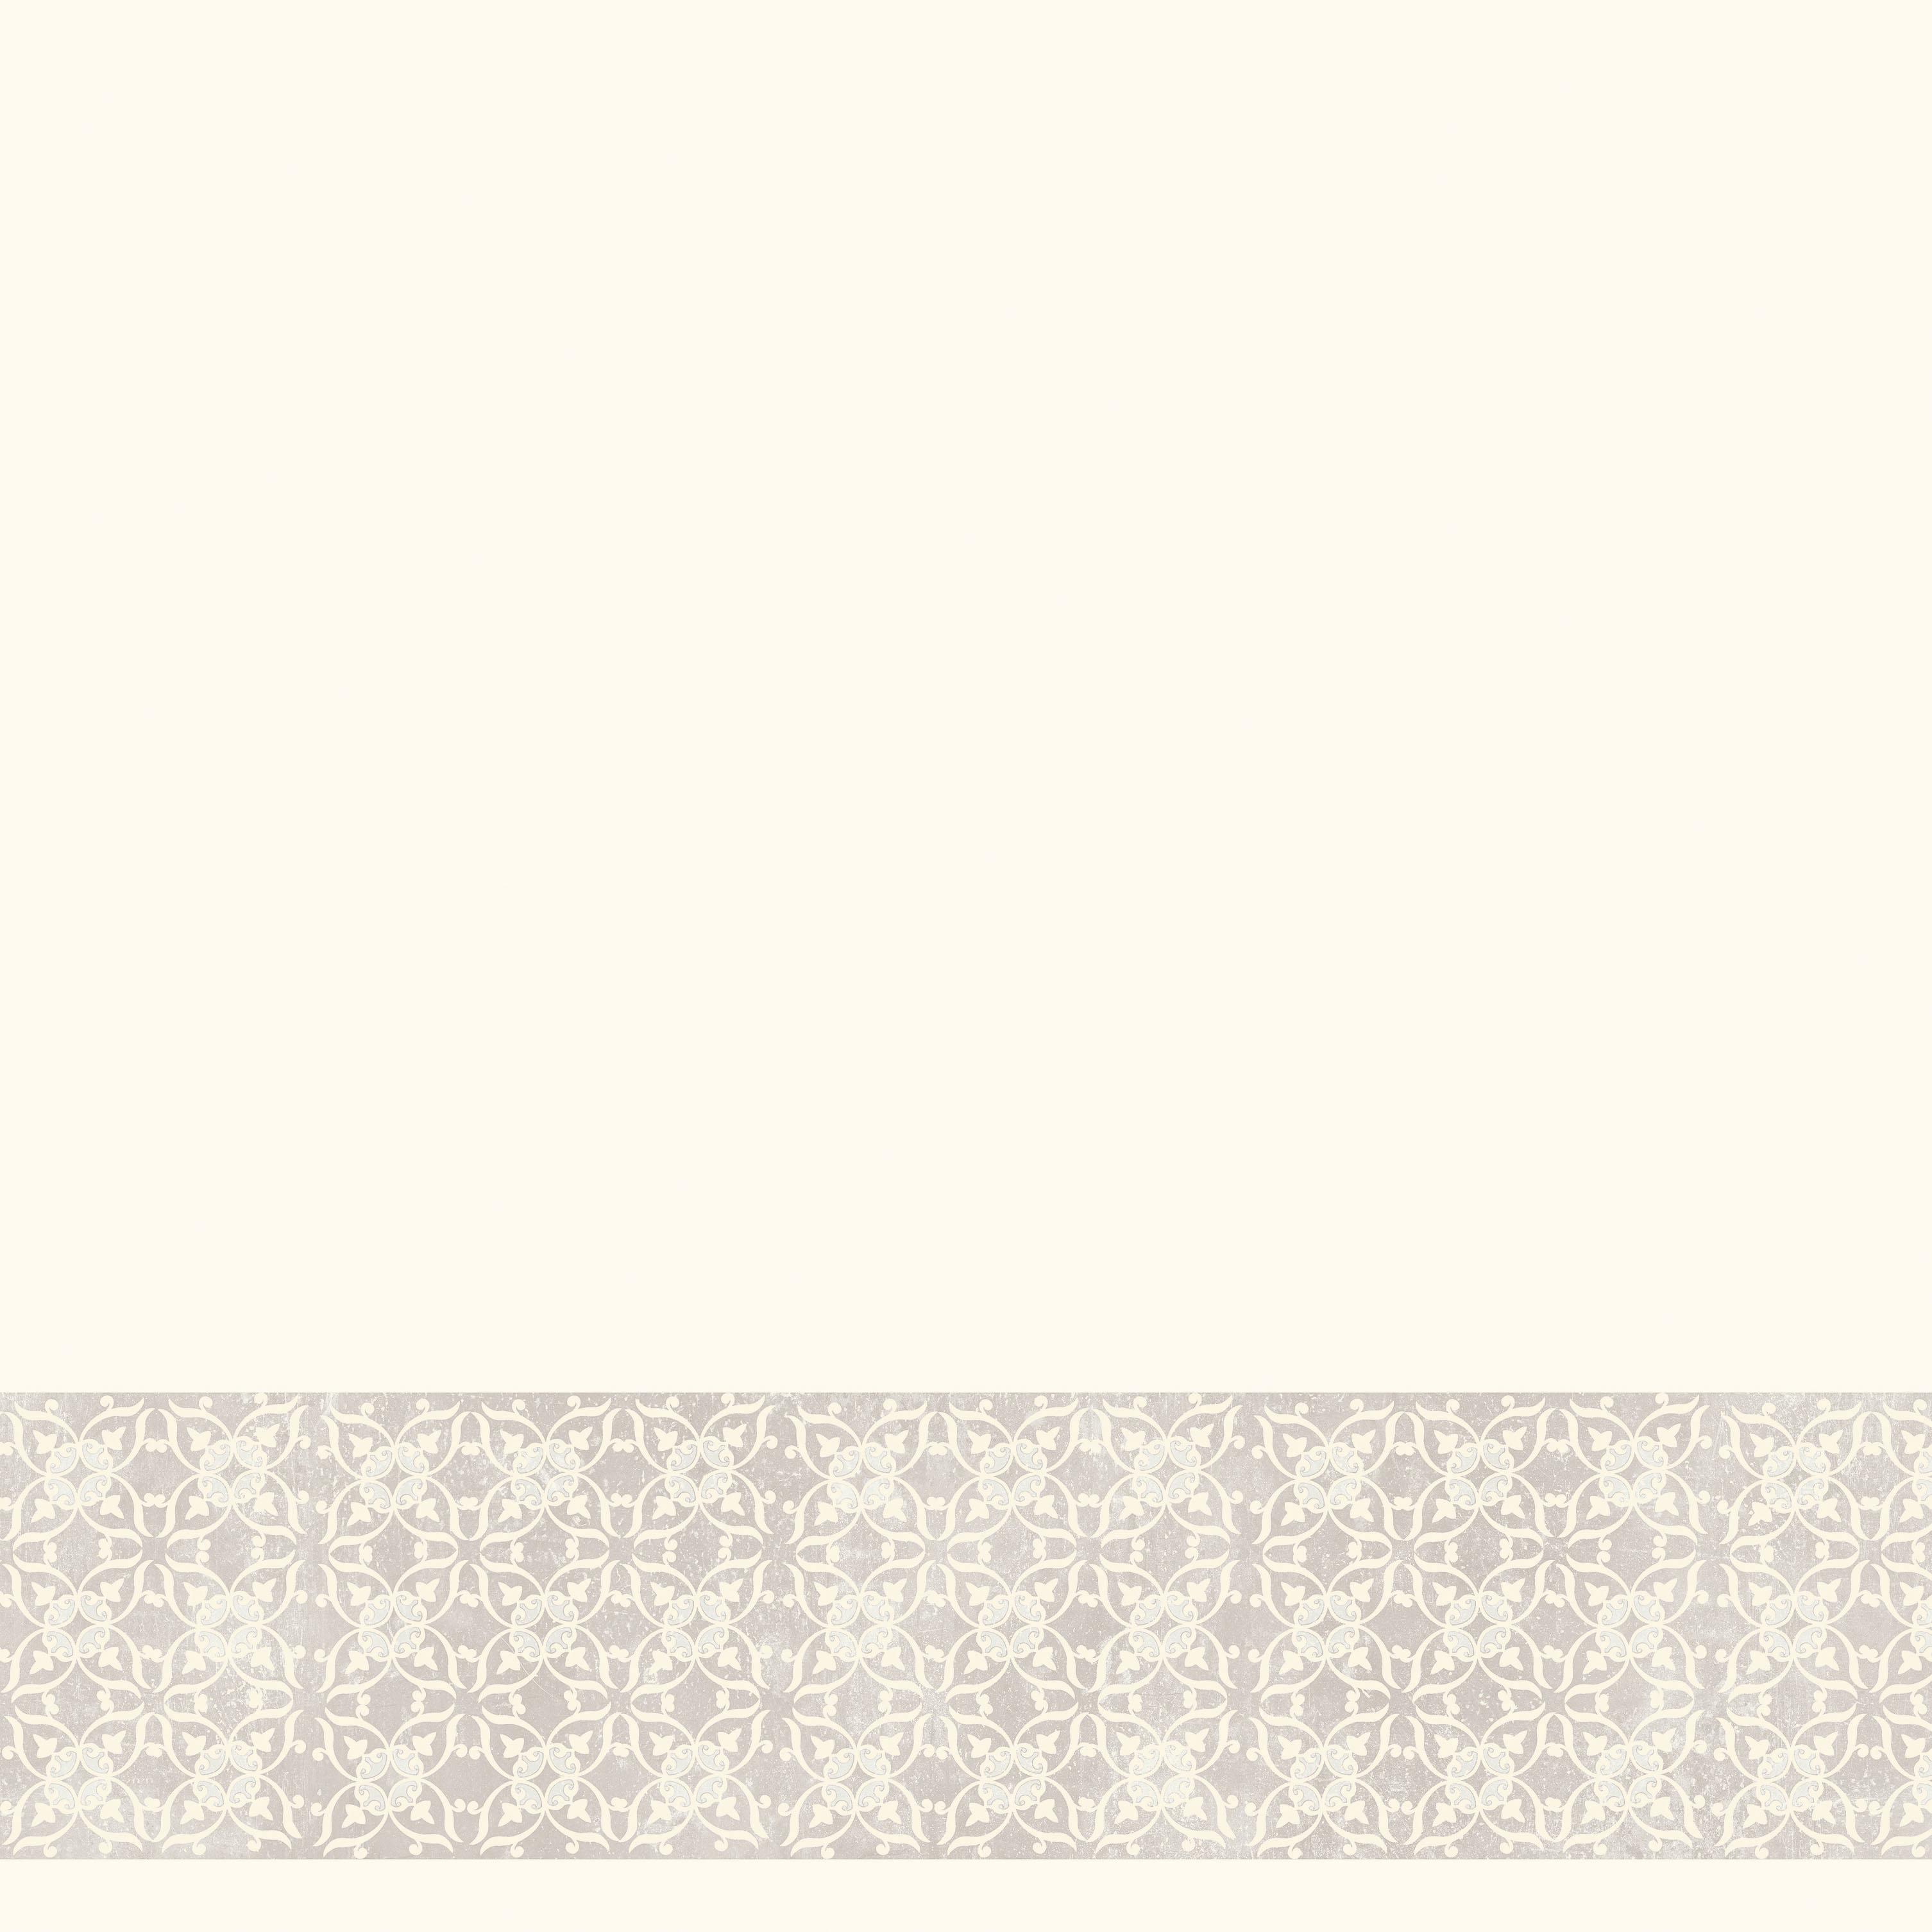 Våtrumsvägg Tarkett Aquarelle Bård Decor Ornament Grey